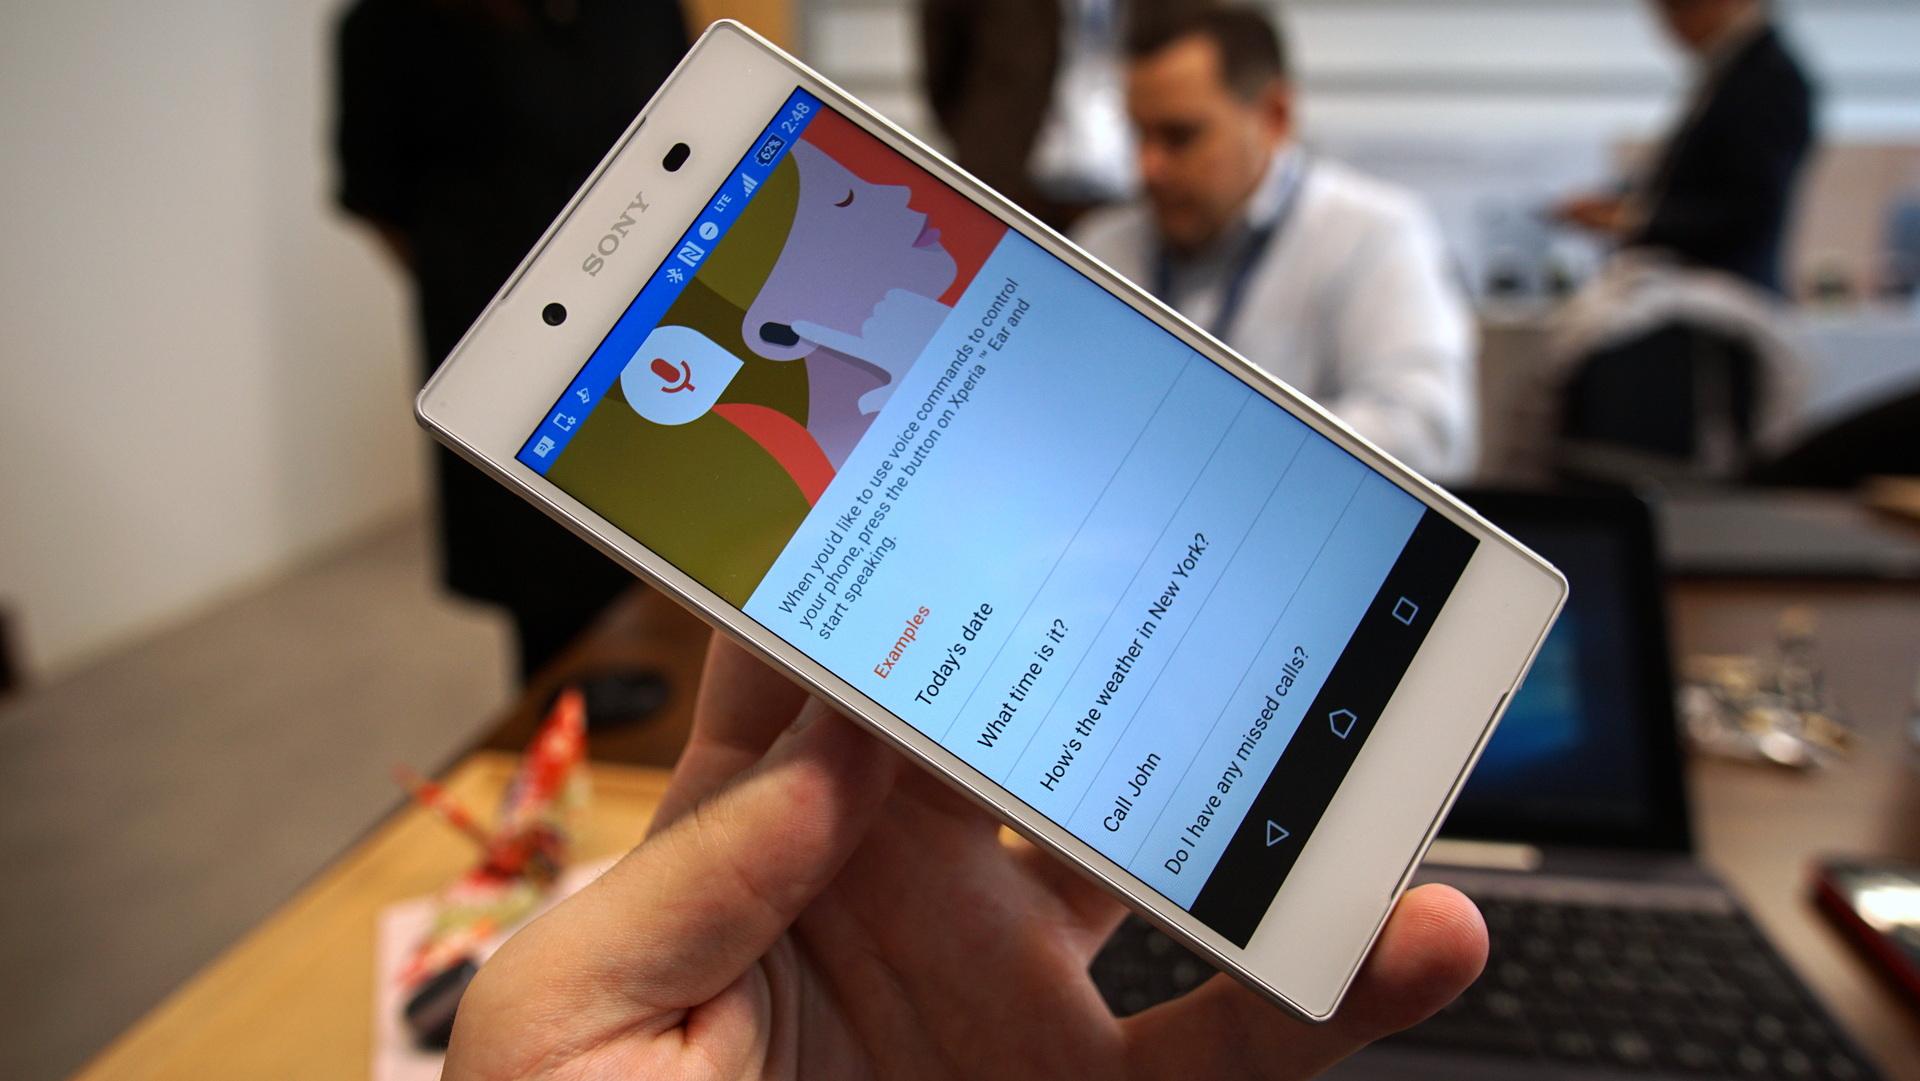 Xperia Ear är den första konsumentfärdiga produkten i ledet av Xperia- tillbehör med ambitionen att frigöra användaren från mobilskärmen. 9302bd4f4afbd